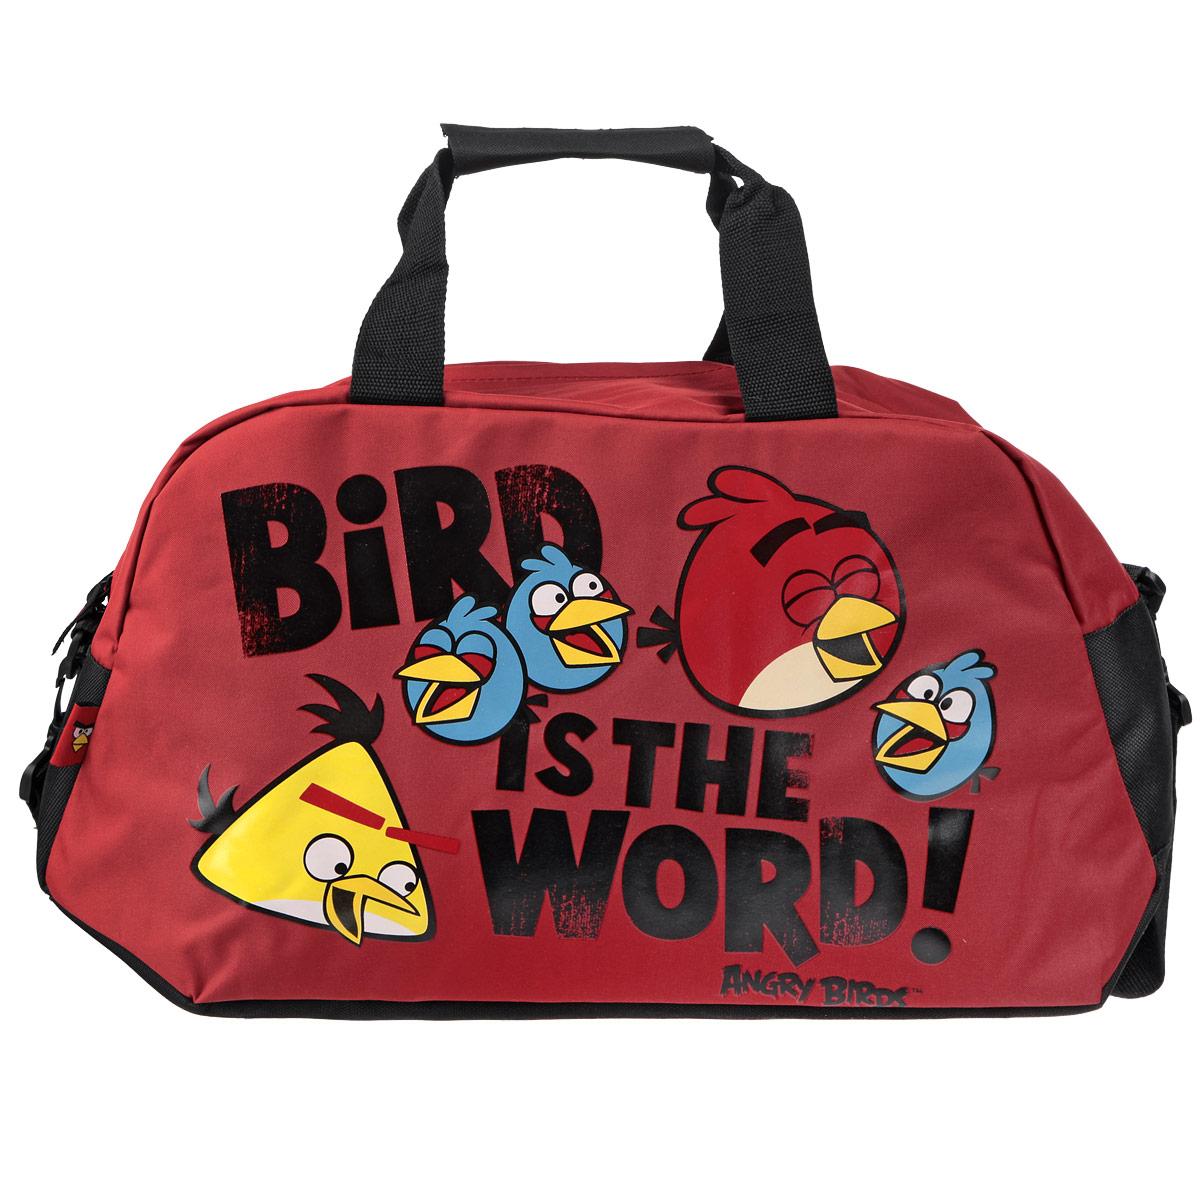 Сумка спортивная Angry Birds, цвет: красныйABAA-UT1-3408Спортивная сумка Angry Birds предназначена для переноски спортивных вещей, обуви и инвентаря. Сумка выполнена из прочного полиэстера и оформлена ярким принтом с изображением героев игры Angry Birds. Сумка имеет одно вместительное отделение, закрывающееся на застежку-молнию. Внутри находятся один карман на молнии и два небольших открытых кармашка под мобильный телефон. Спортивная сумка оснащена двумя текстильными ручками для переноски в руке и плечевым ремнем, регулируемым по длине. В этой сумке ваш ребенок с удовольствием будет носить свои вещи и спортивный инвентарь.